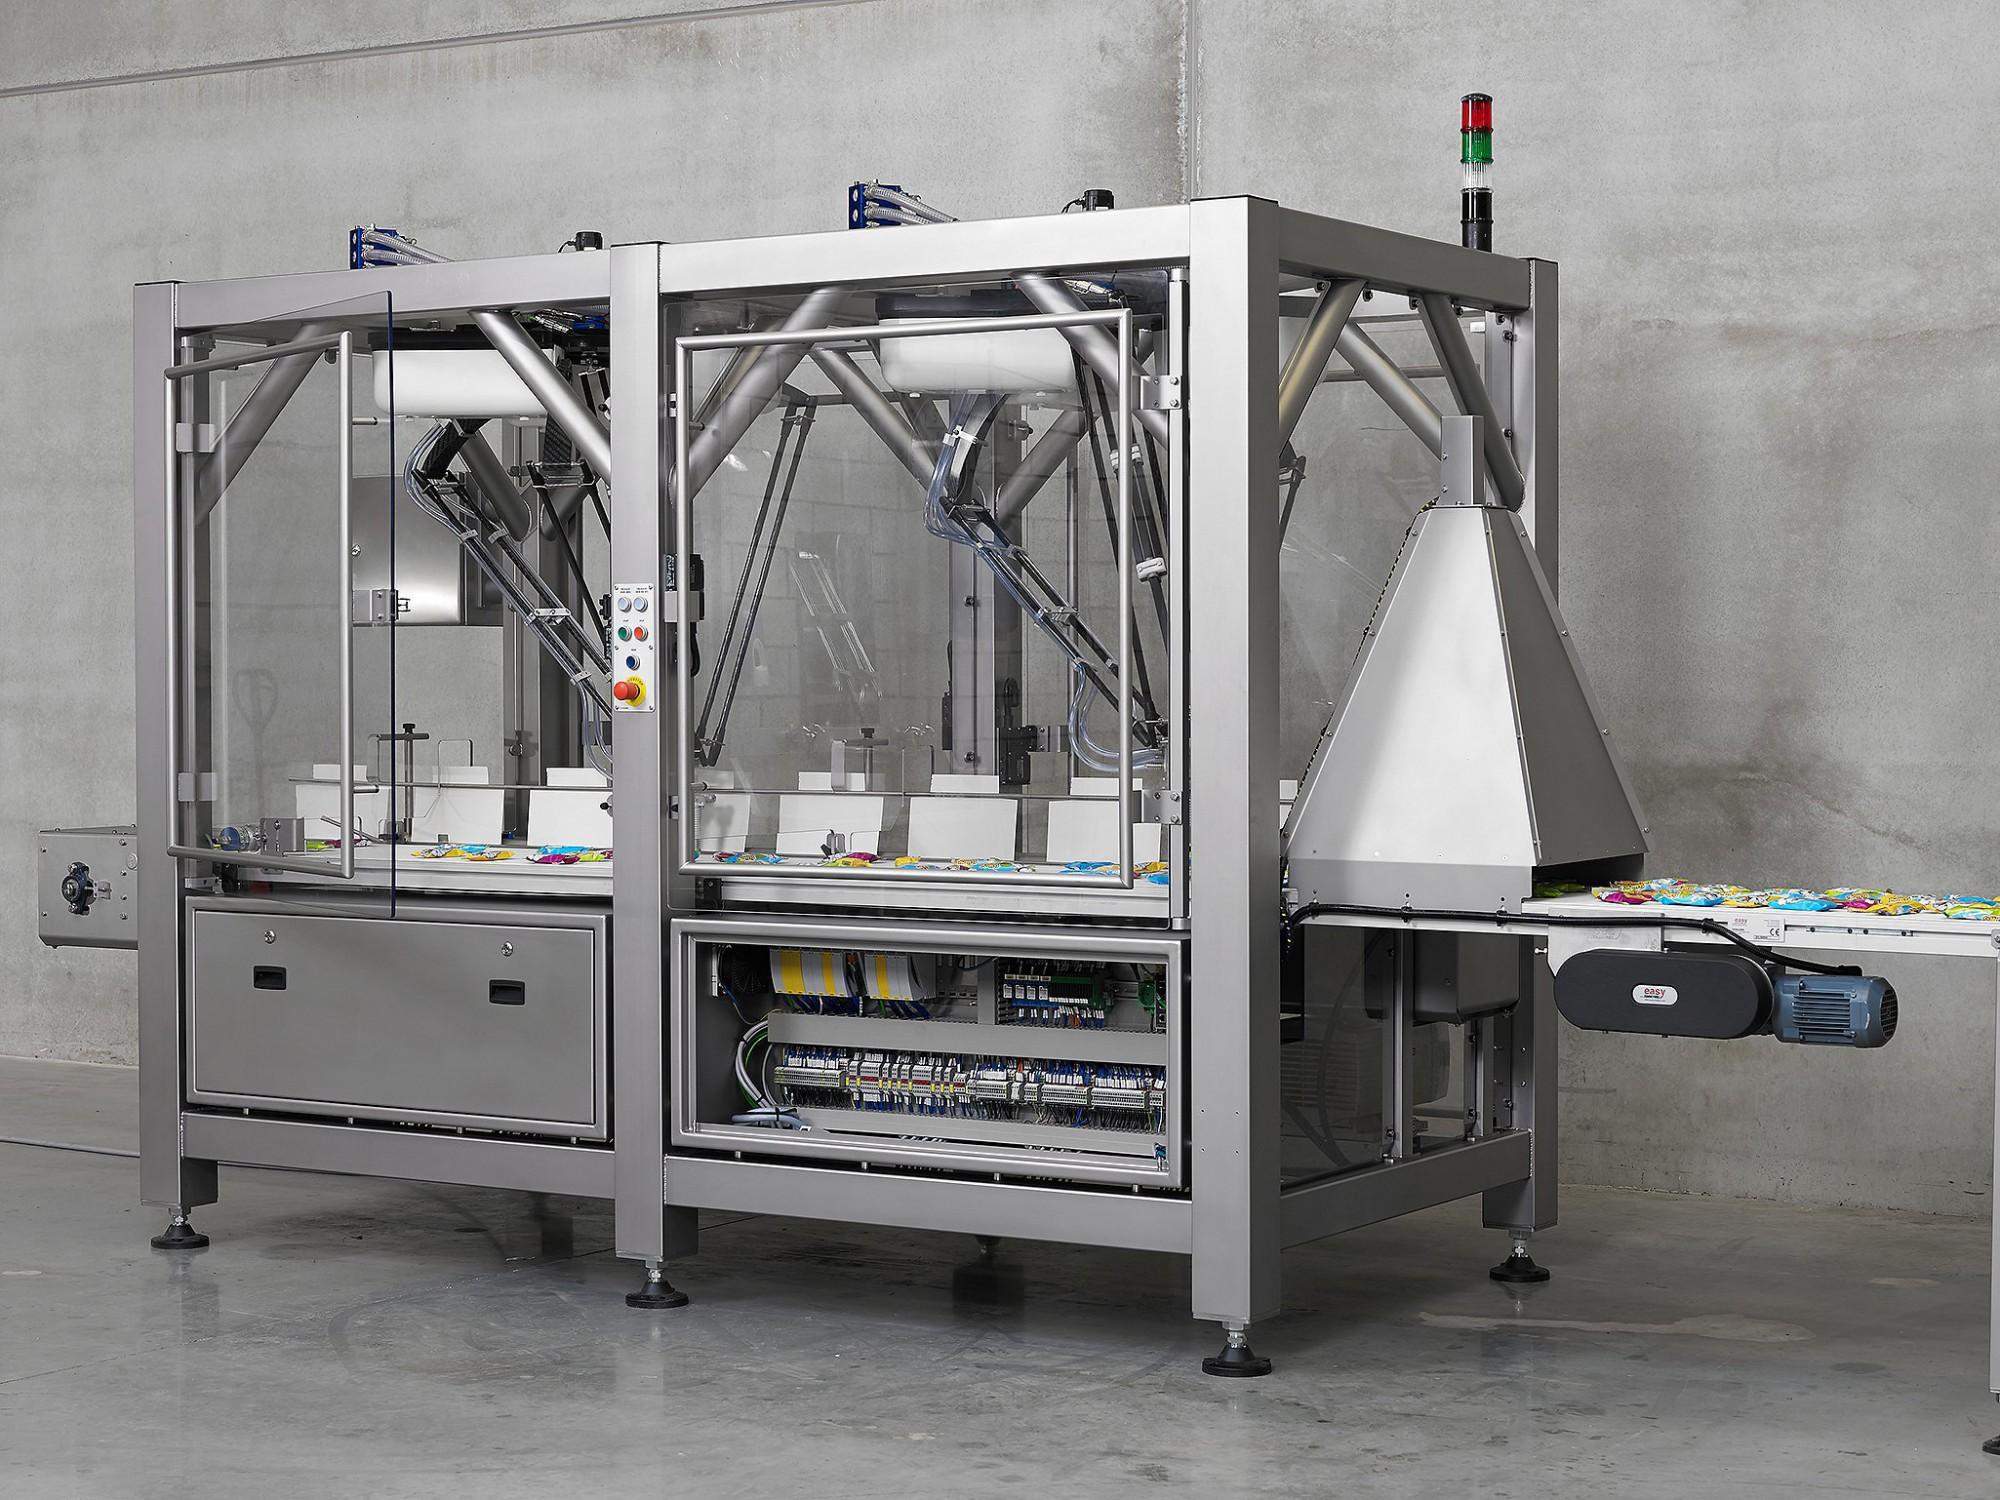 Afbeelding: Fotografie van machines op locatie, foto Van Huffel Hoogstraten.